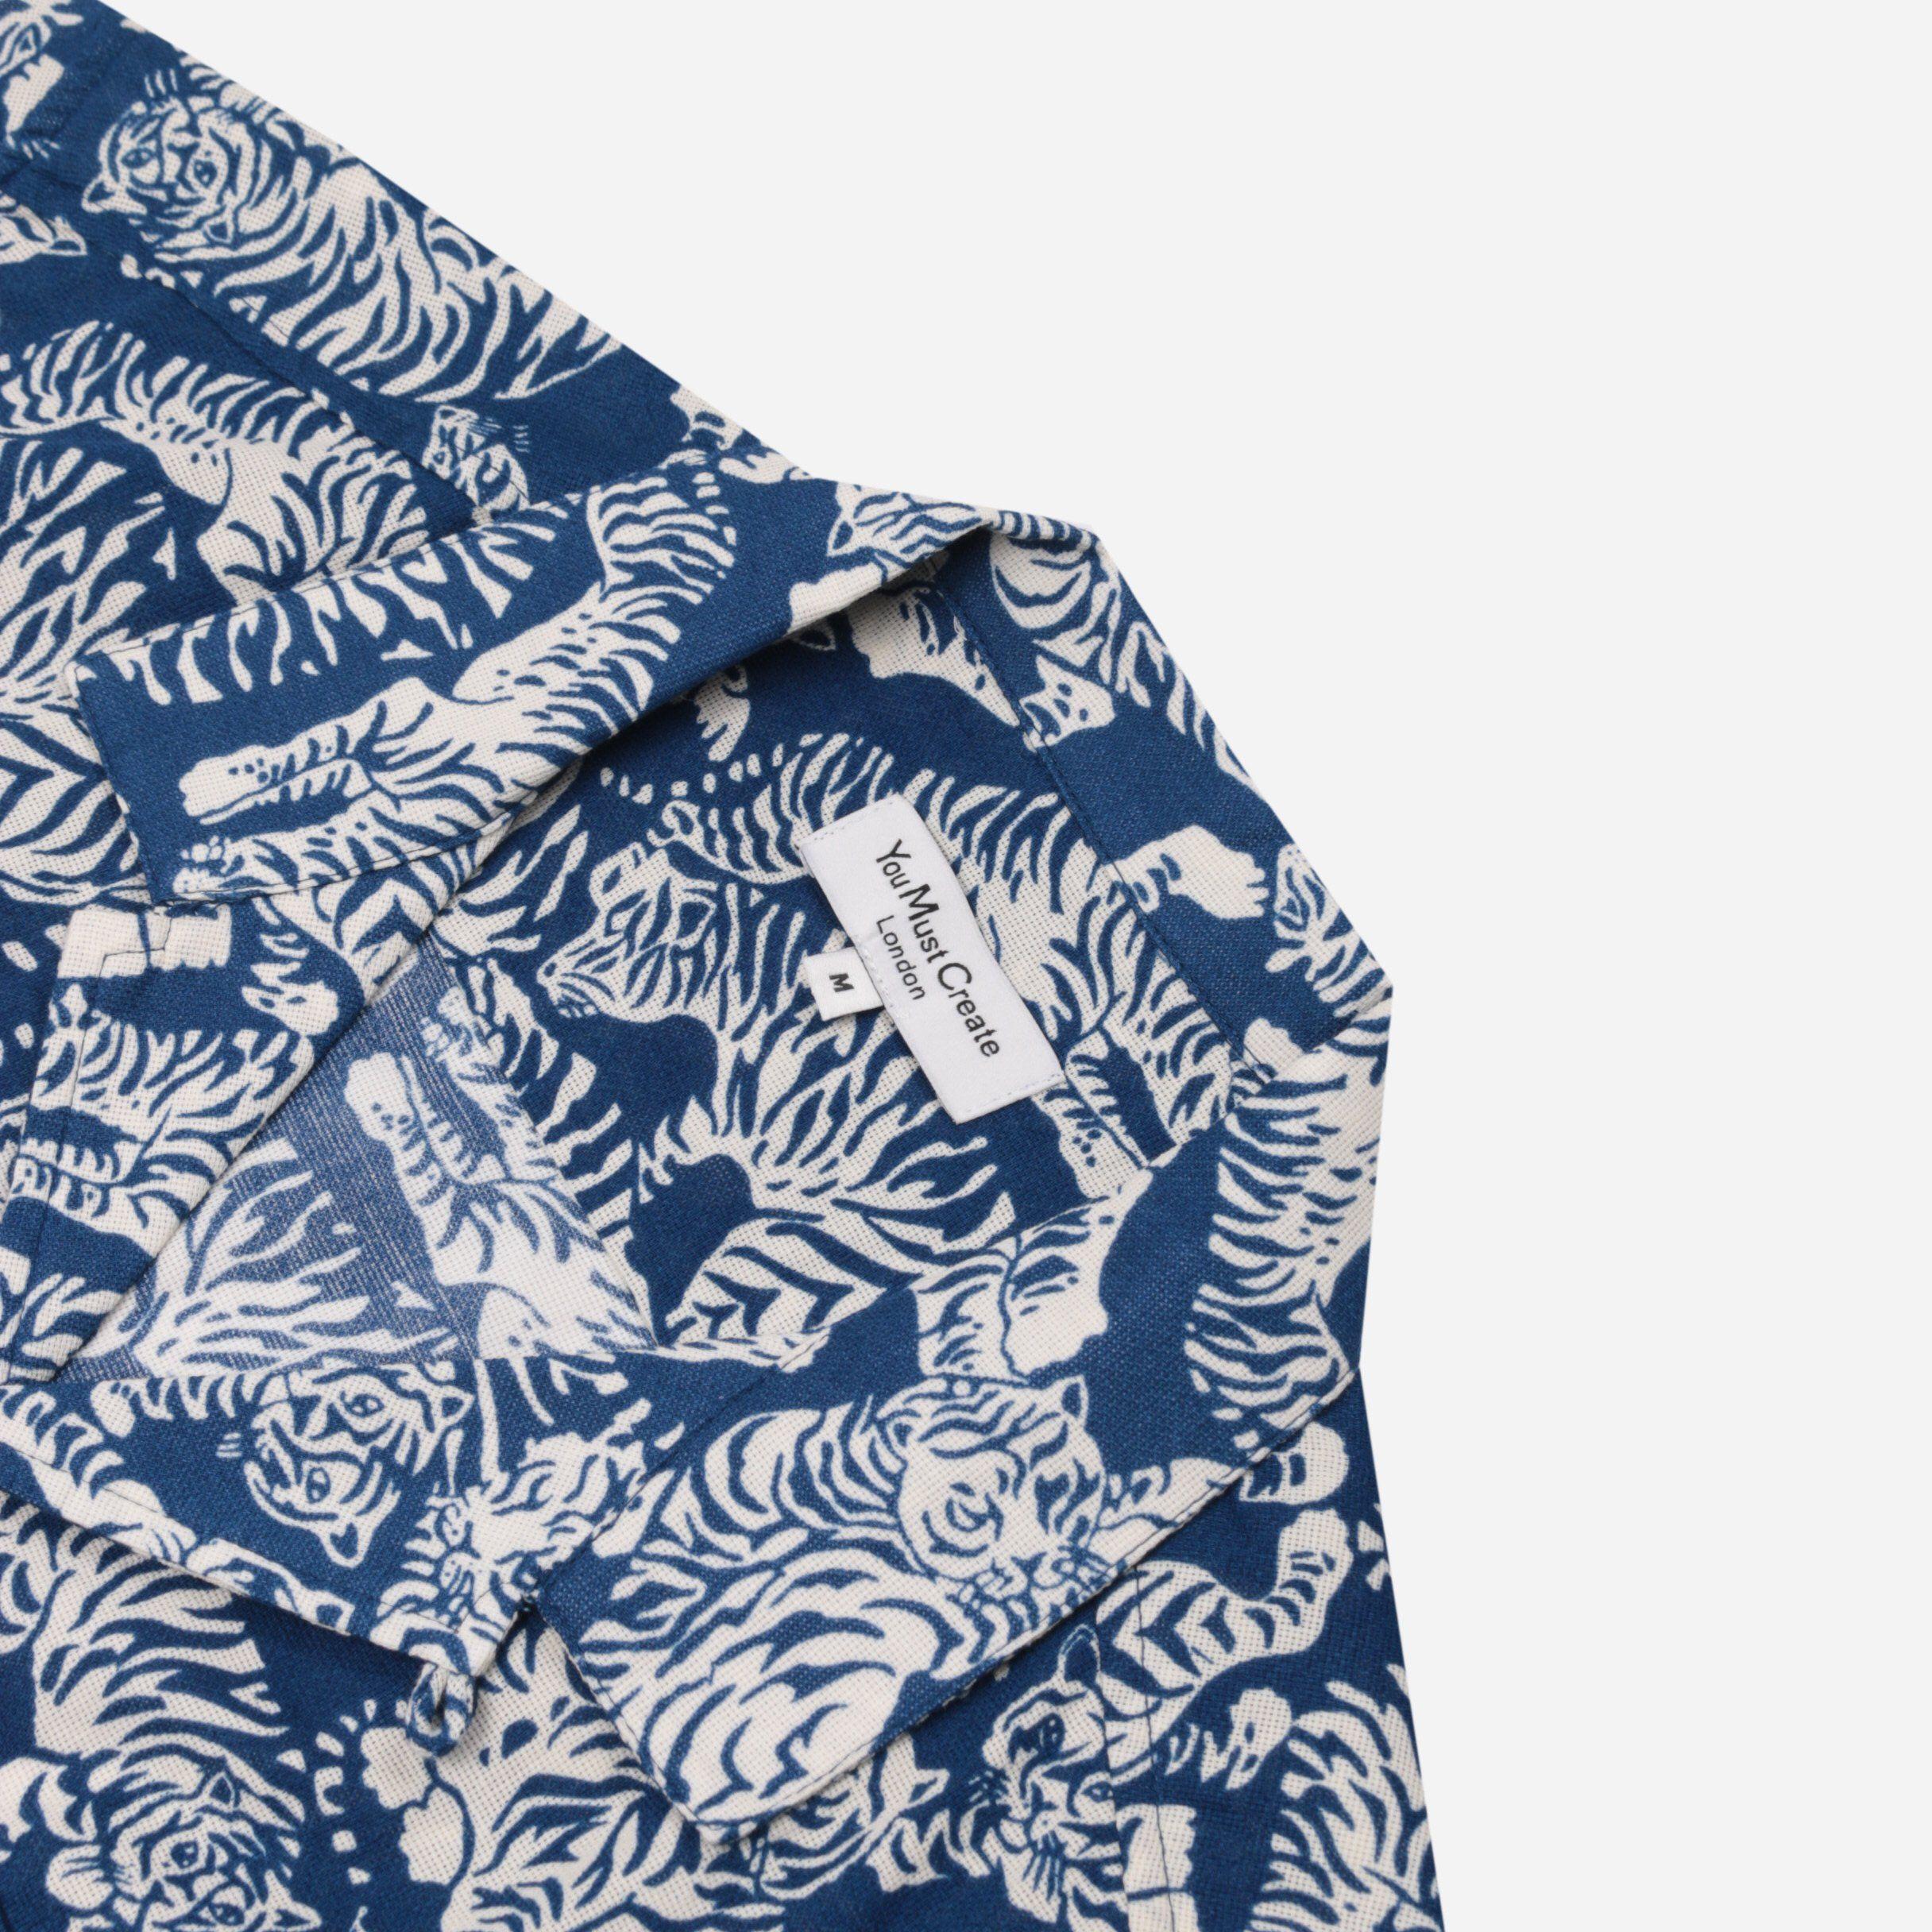 YMC Tiger Malick Shirt